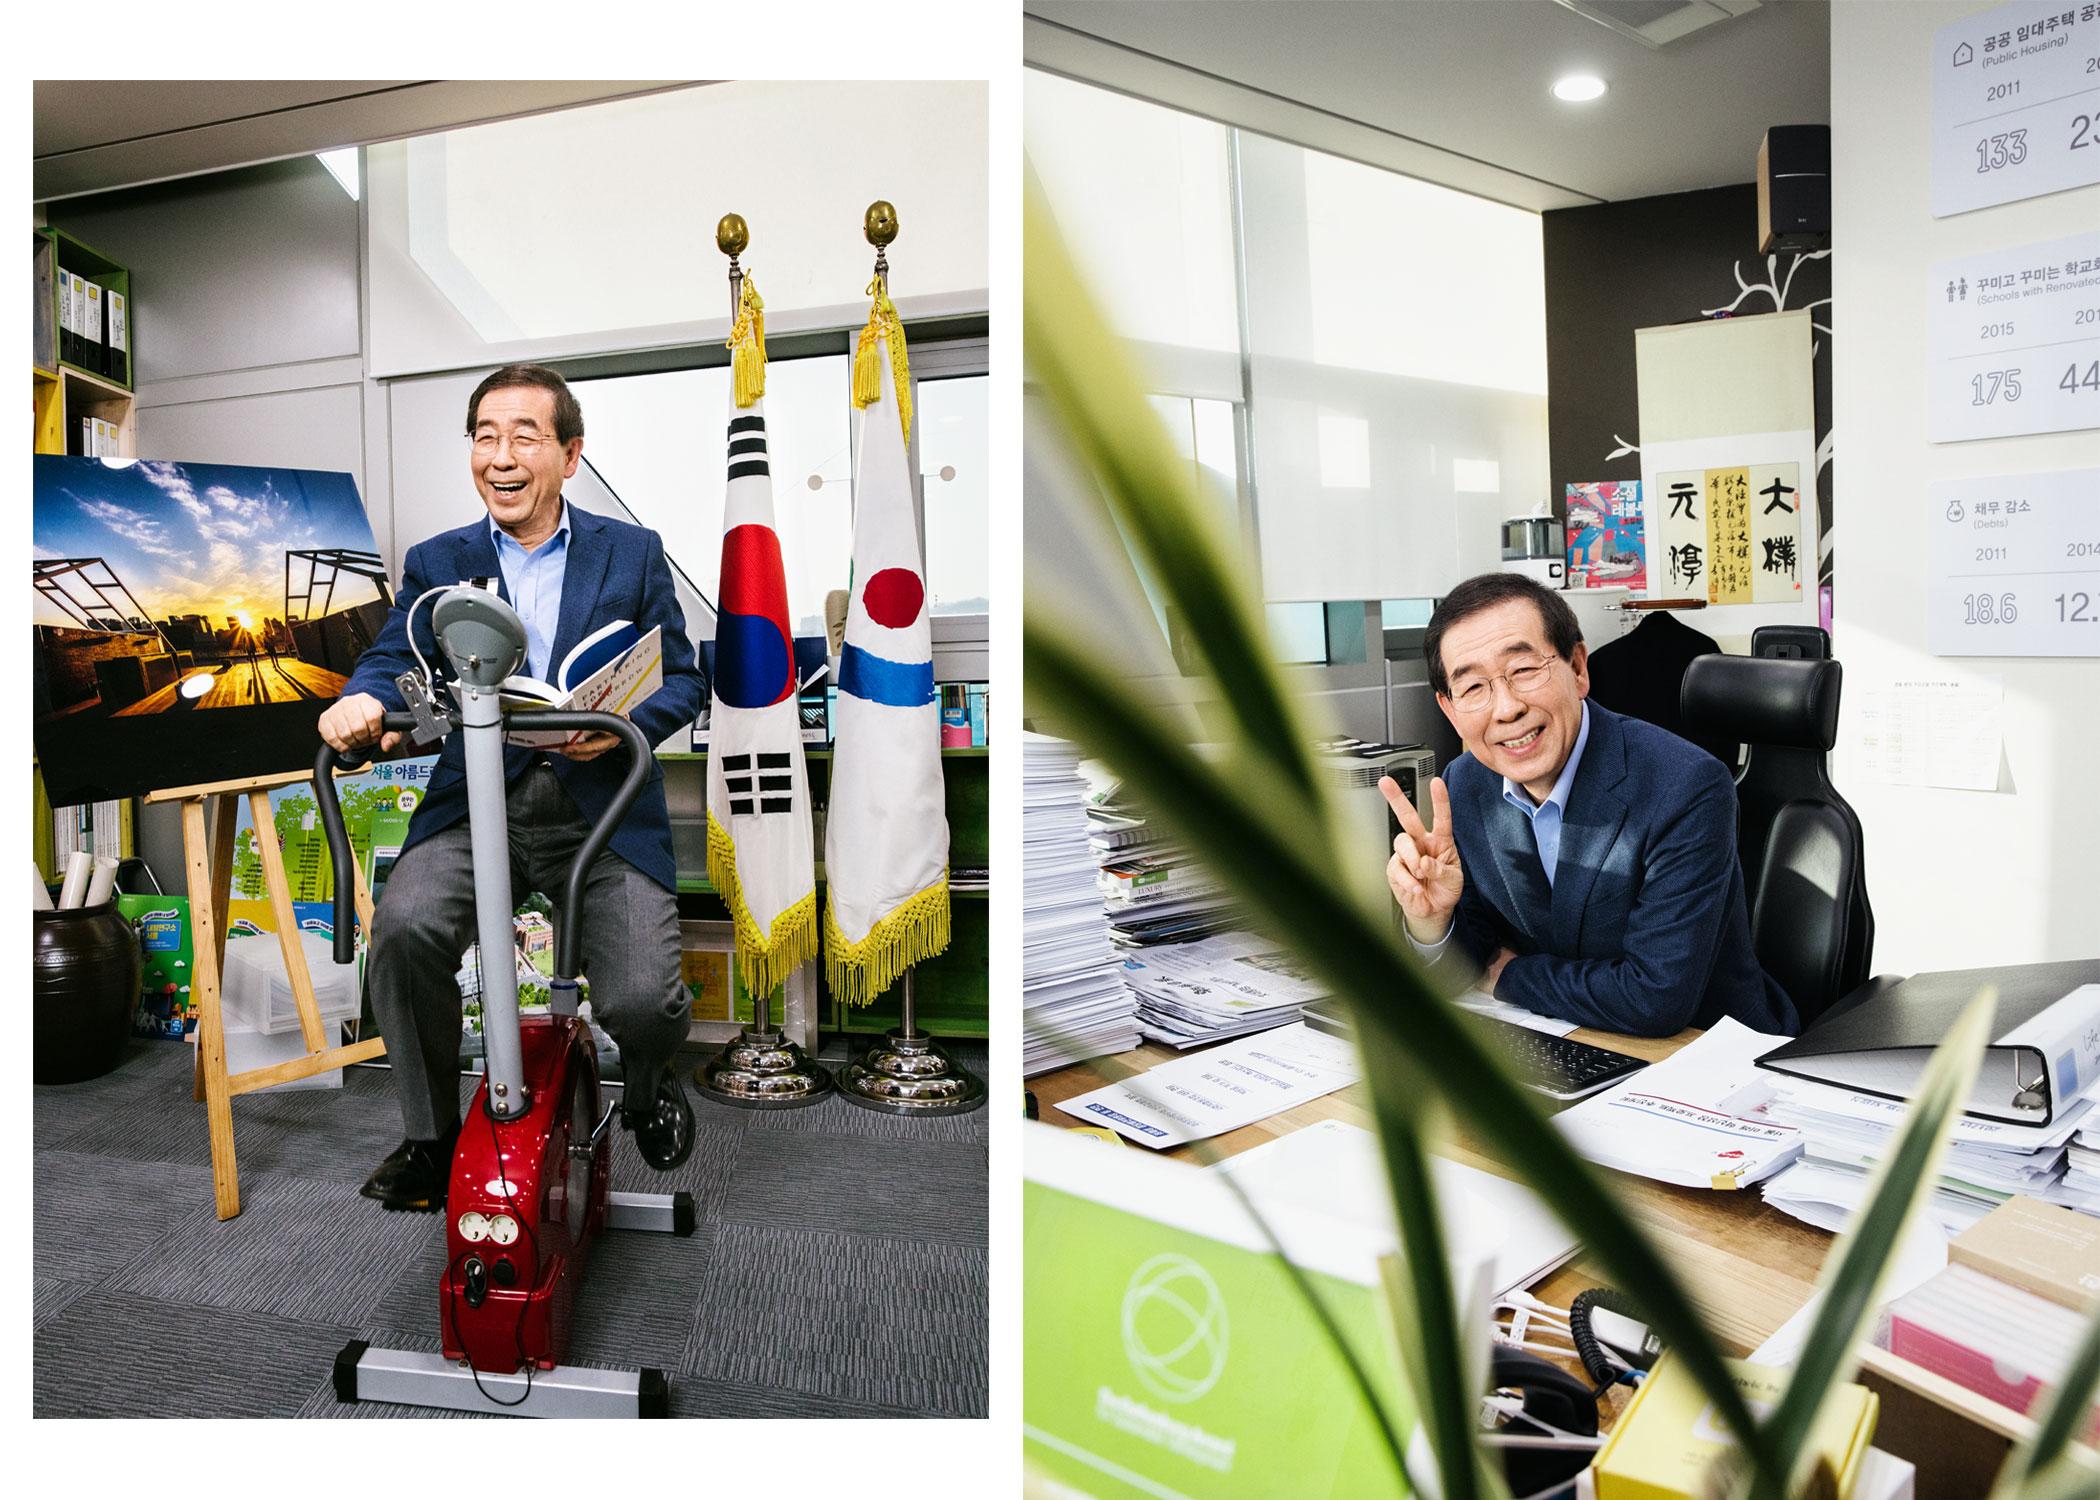 Park Won-soon, mayor of Seoul